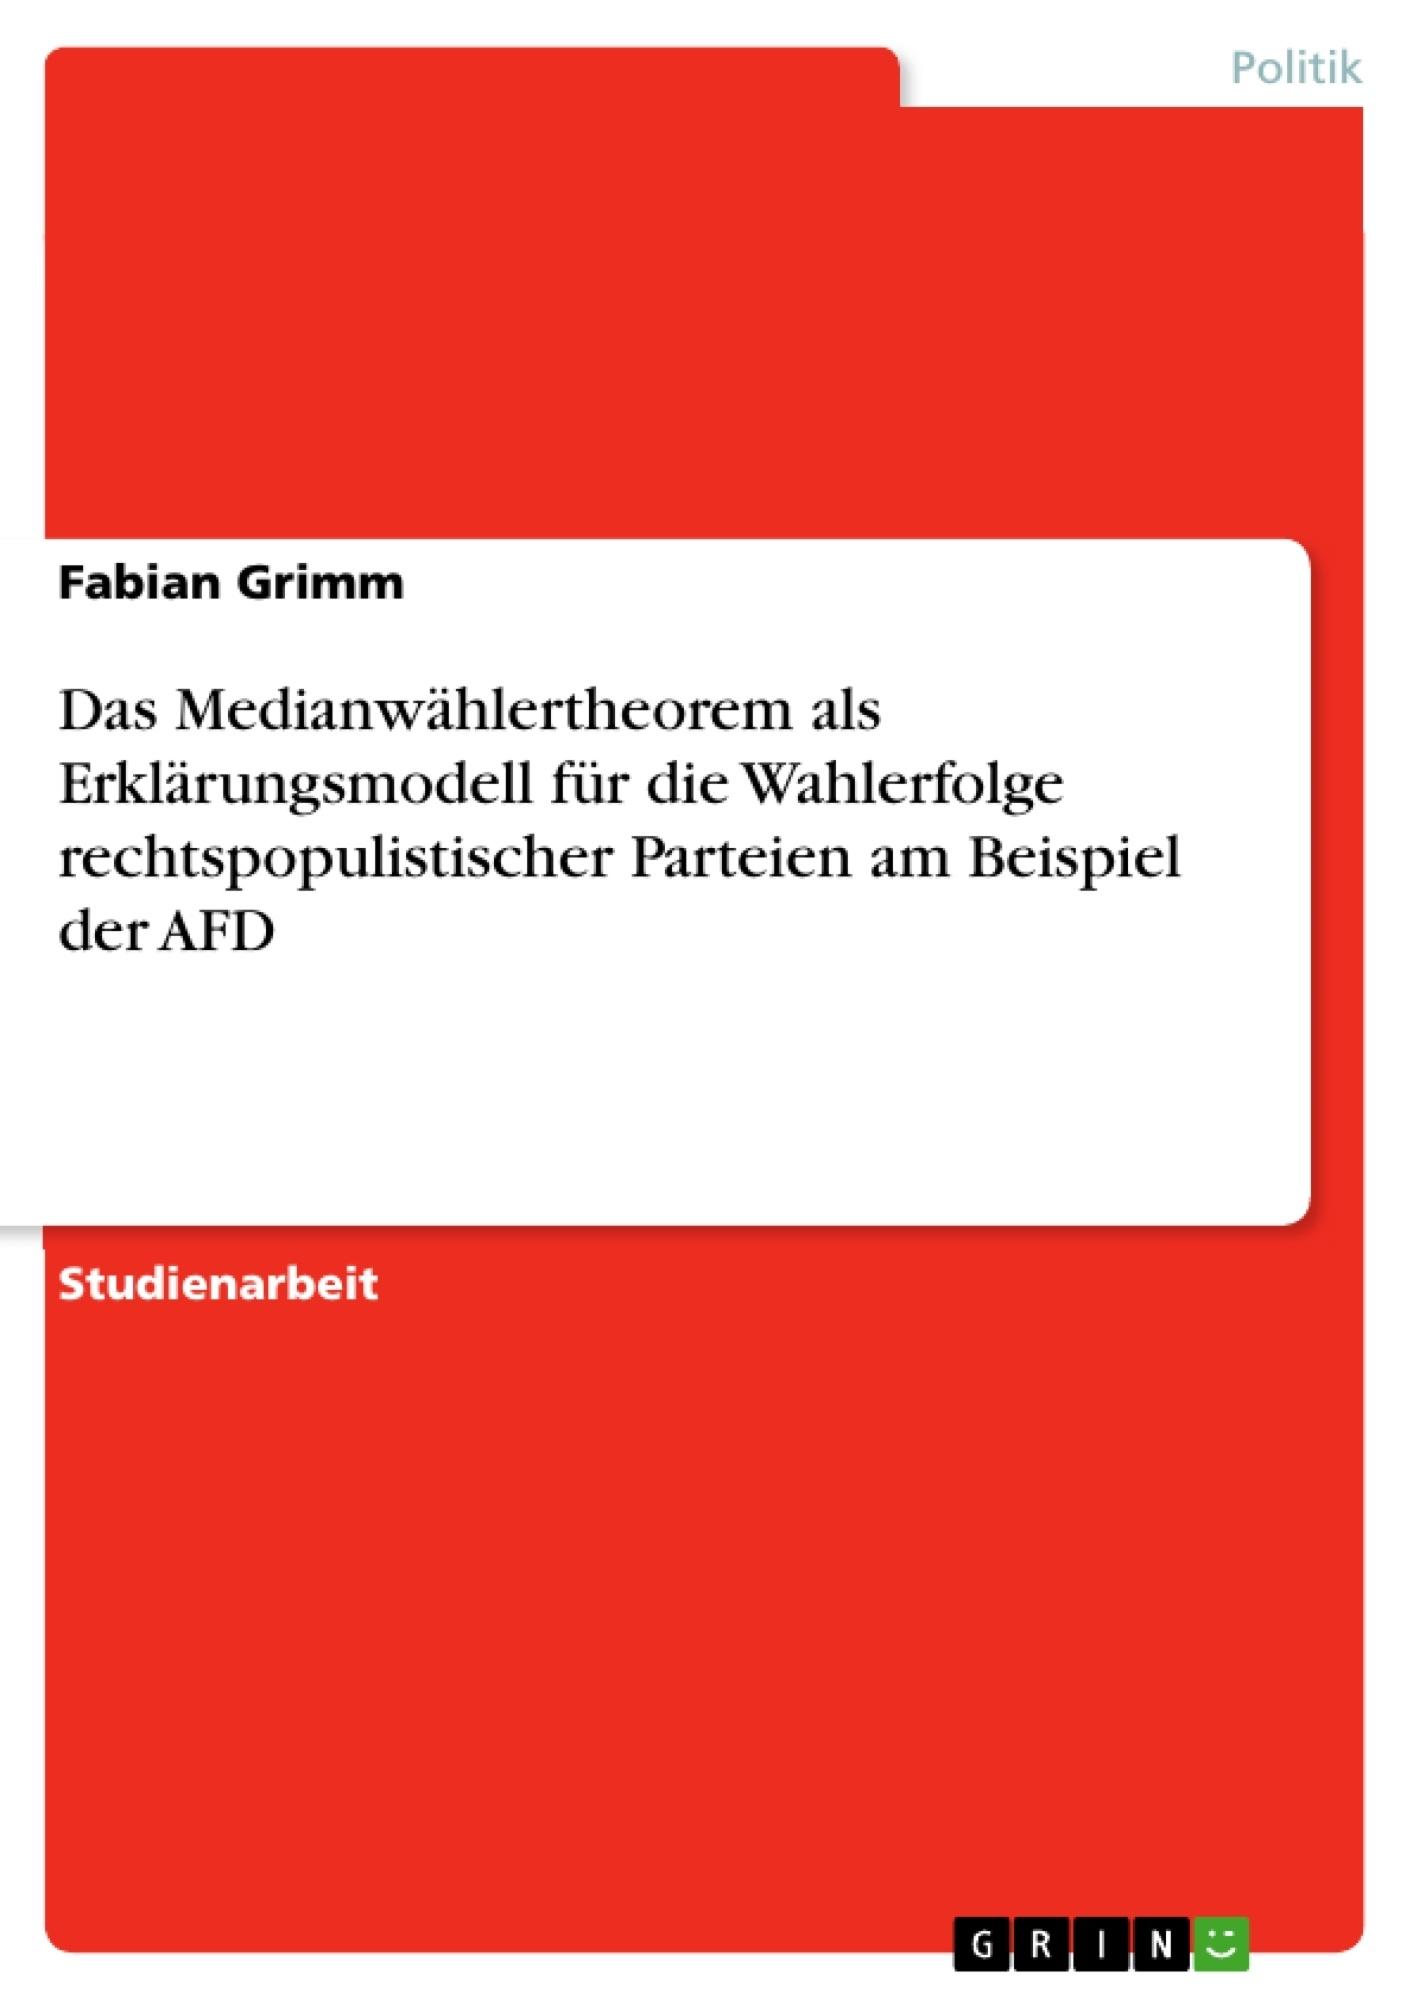 Titel: Das Medianwählertheorem als Erklärungsmodell für die Wahlerfolge rechtspopulistischer Parteien am Beispiel der AFD